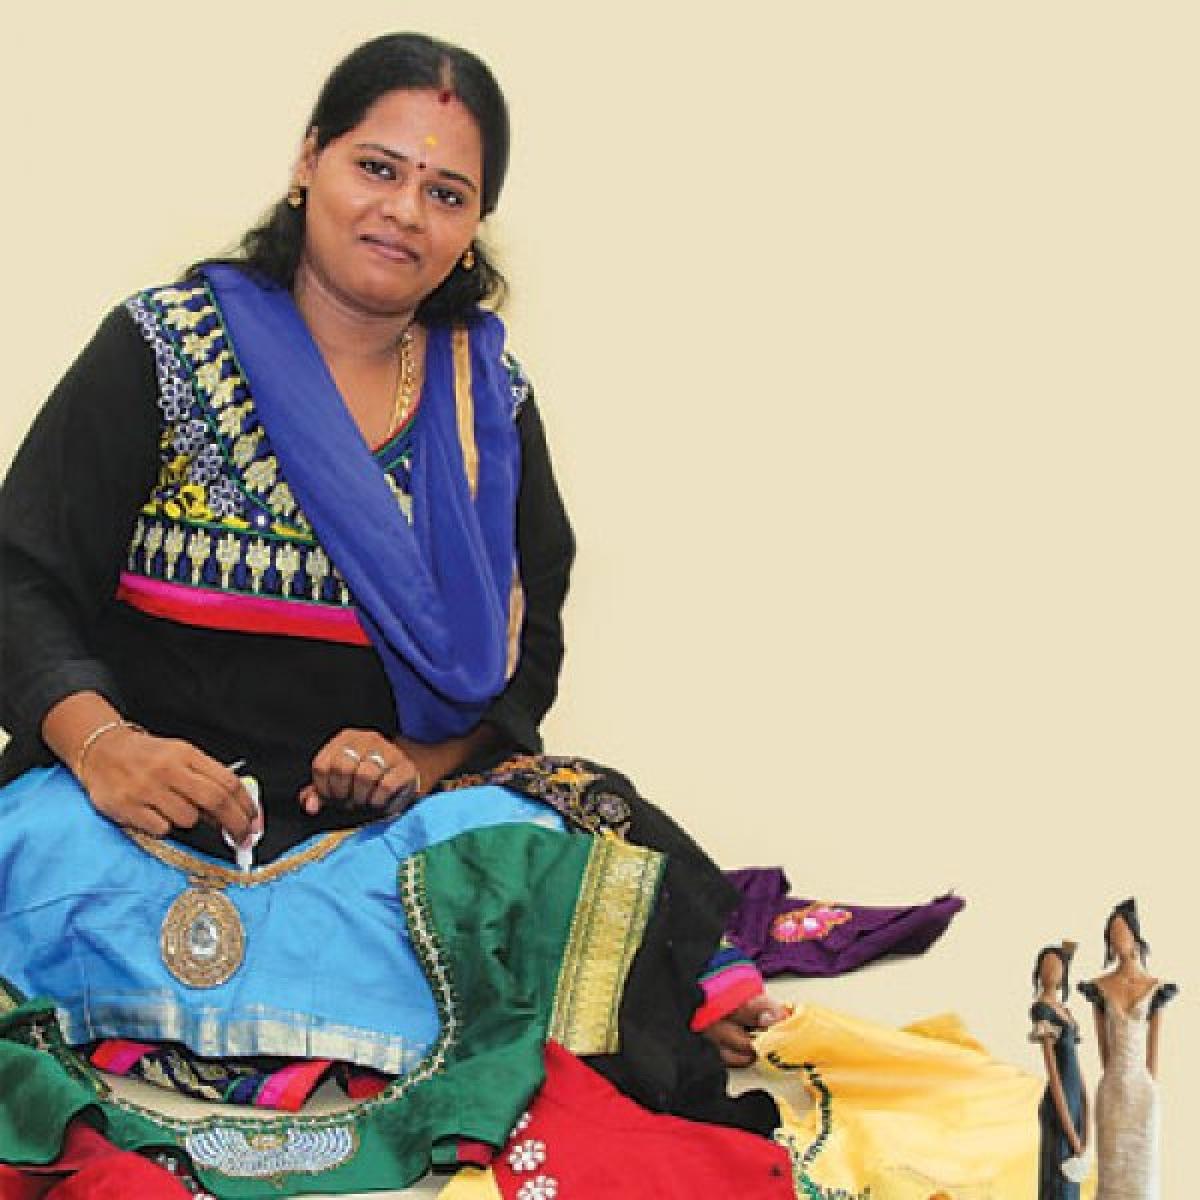 ஸ்பெஷல் பிளவுஸ், ஈஸி டிசைனிங்!